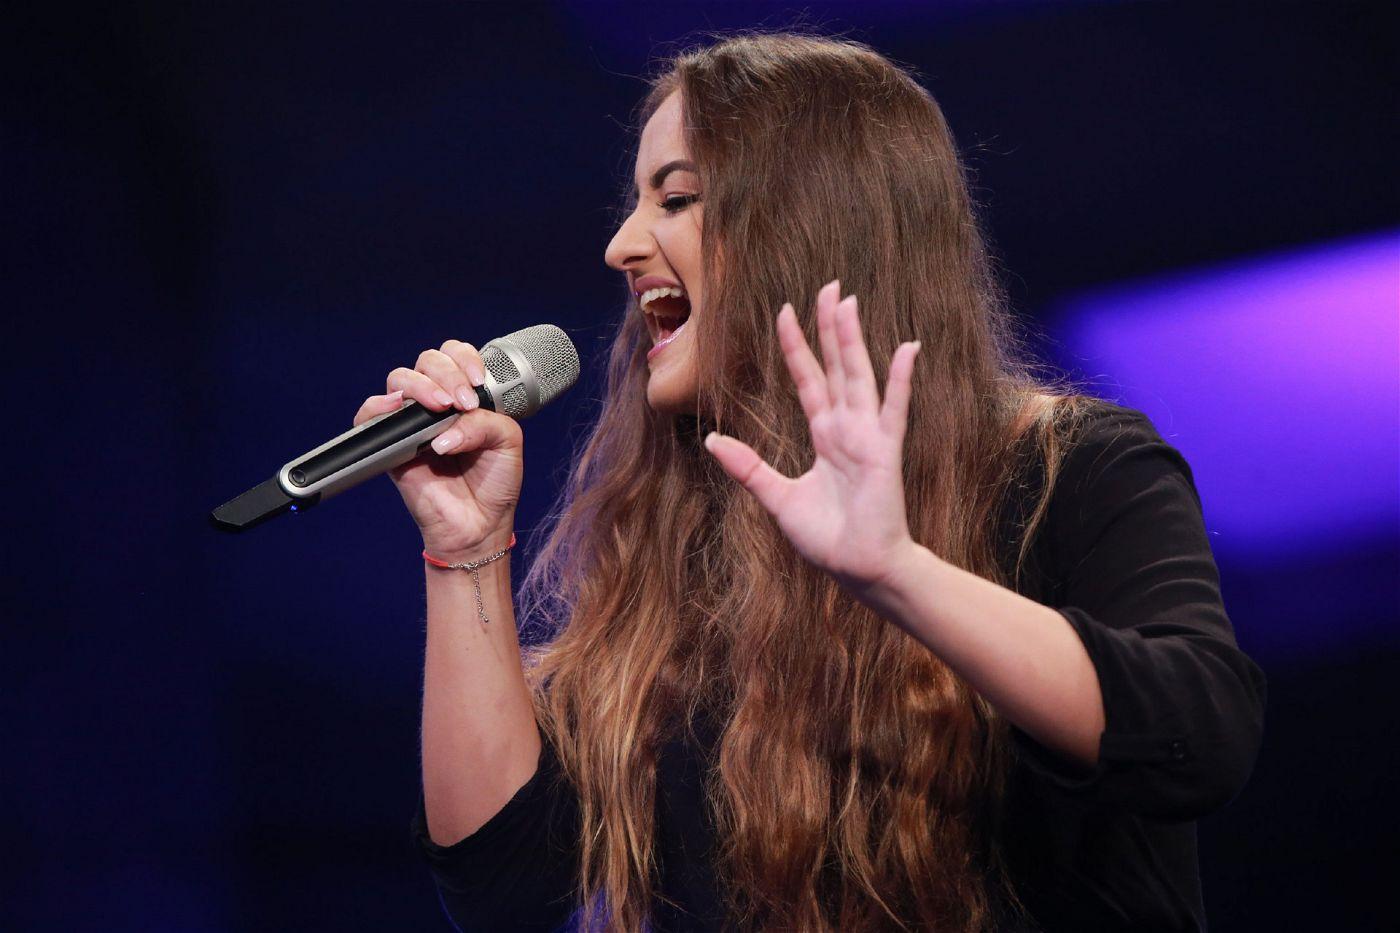 Nikoletta Kungurceva möchte Gesang studieren.